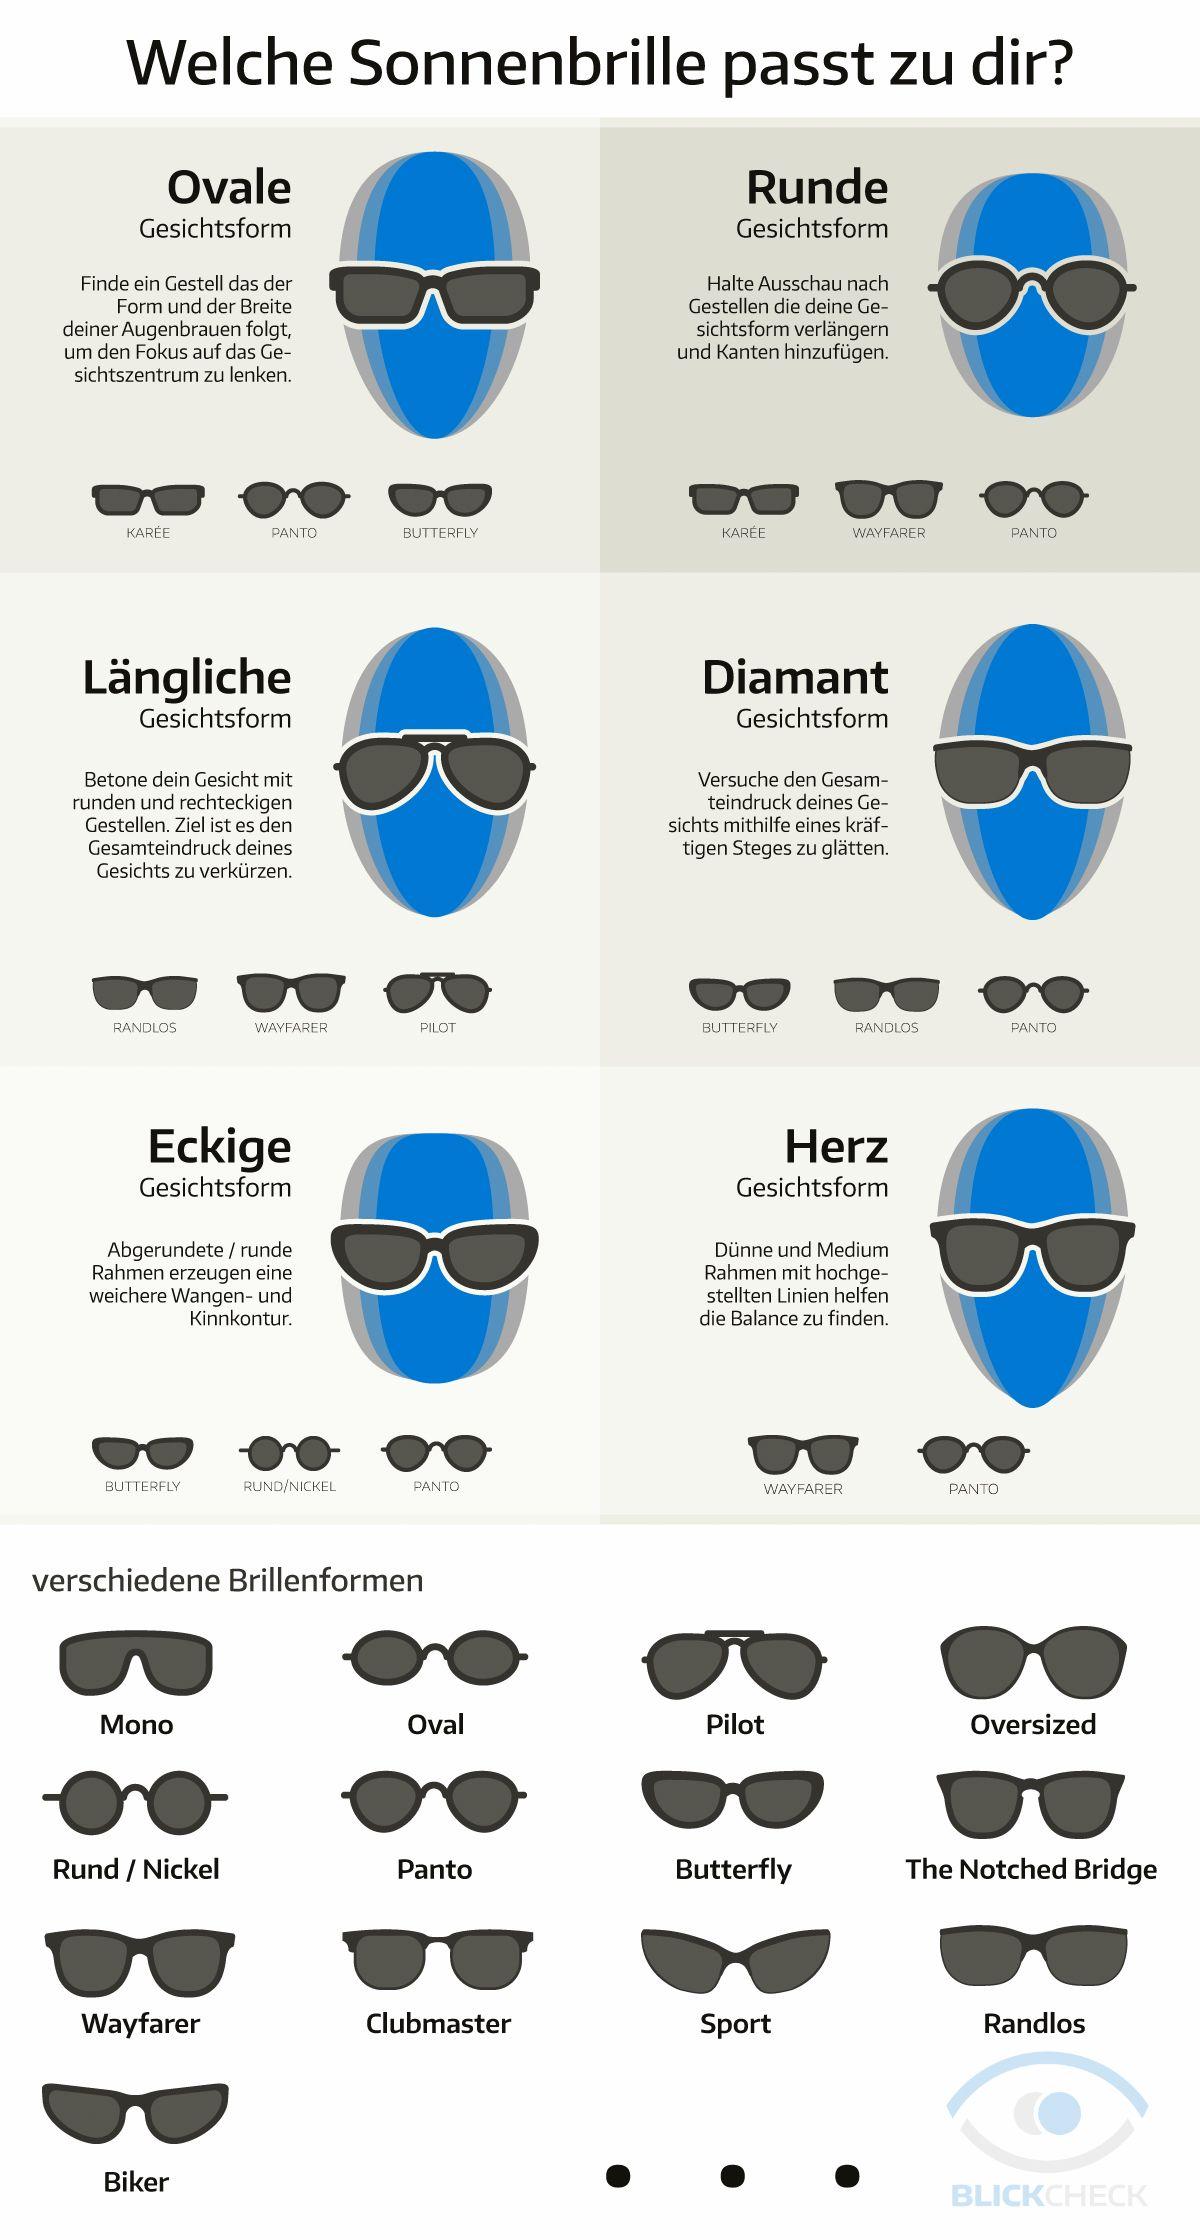 Sonnenbrillen Gesichtsform